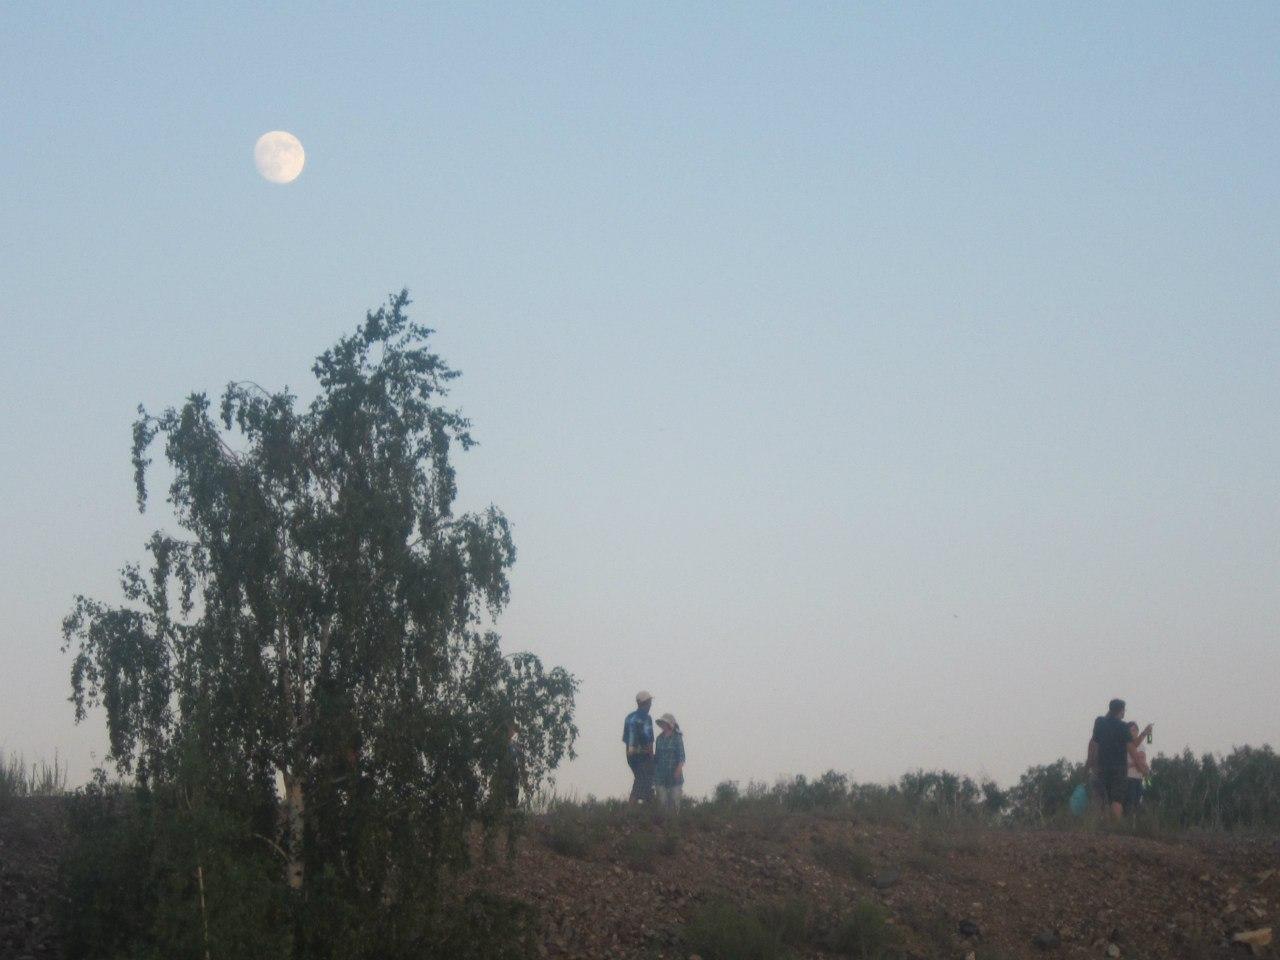 Ещё не село солнце, а уже взошла Луна. Точнее не взошла, а проявилась на ещё светлом небе. (25.06.2013)